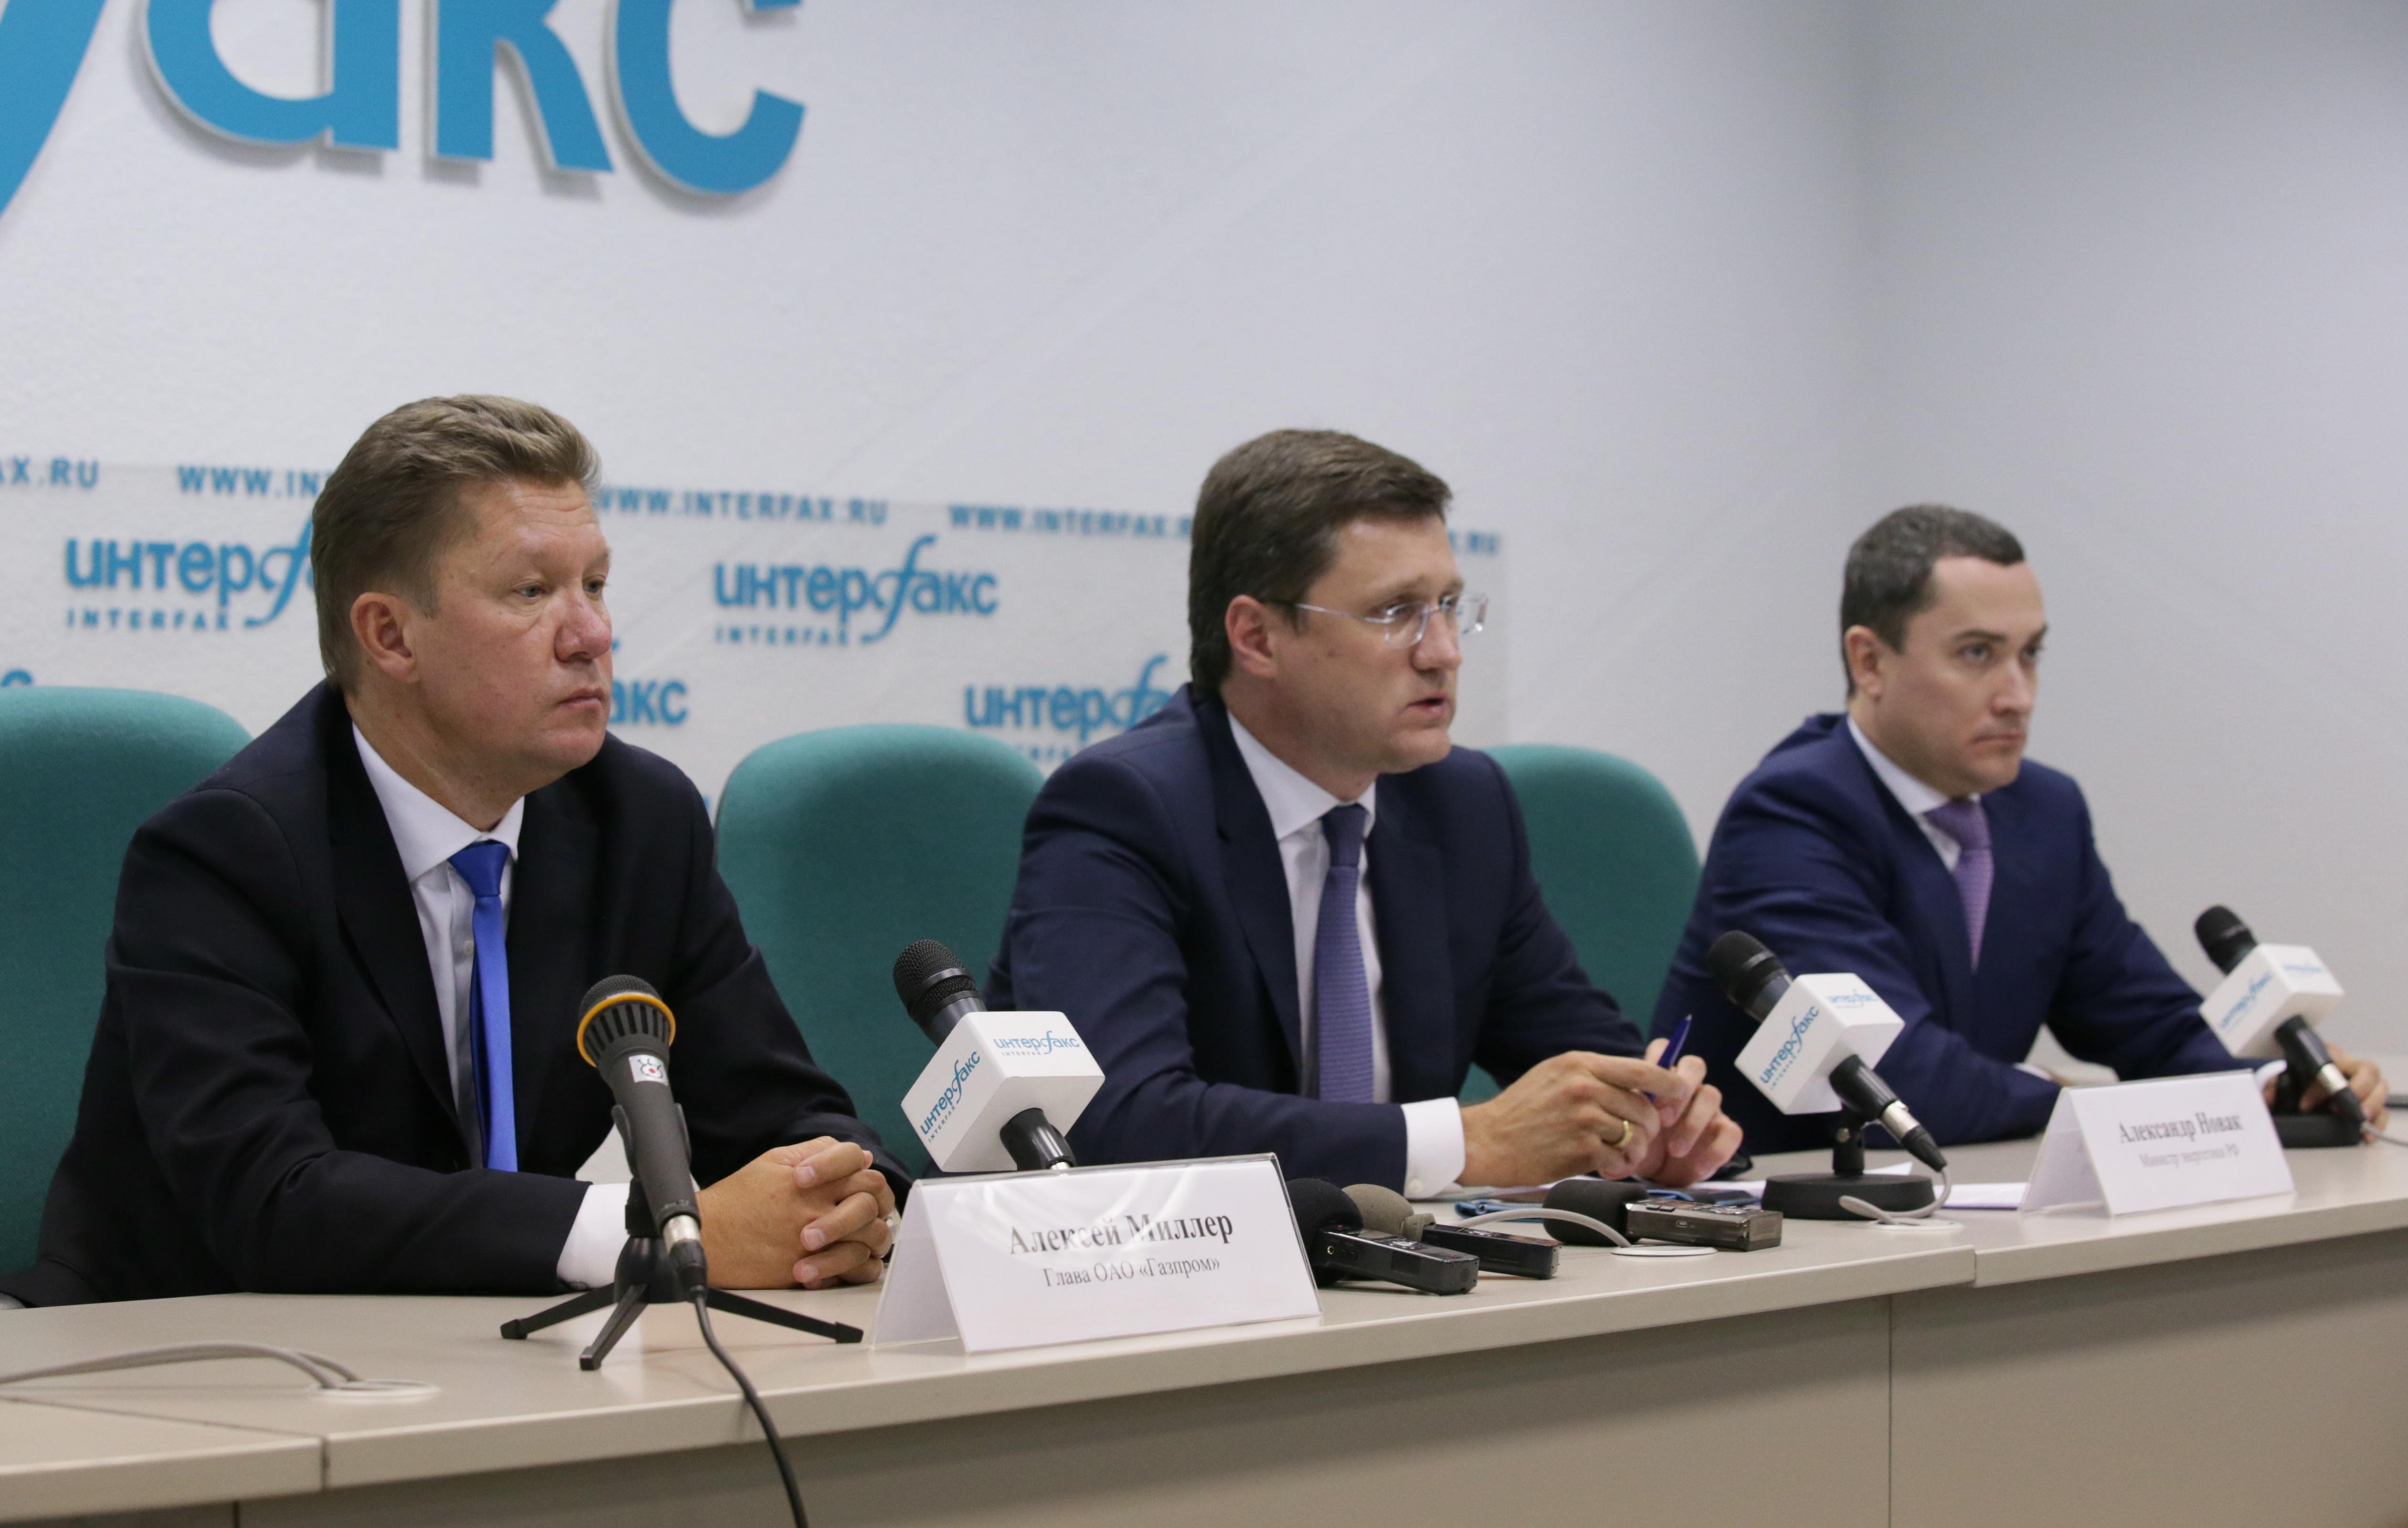 Алексей Миллер, Александр Новак и Сергей Куприянов во время пресс-конференции